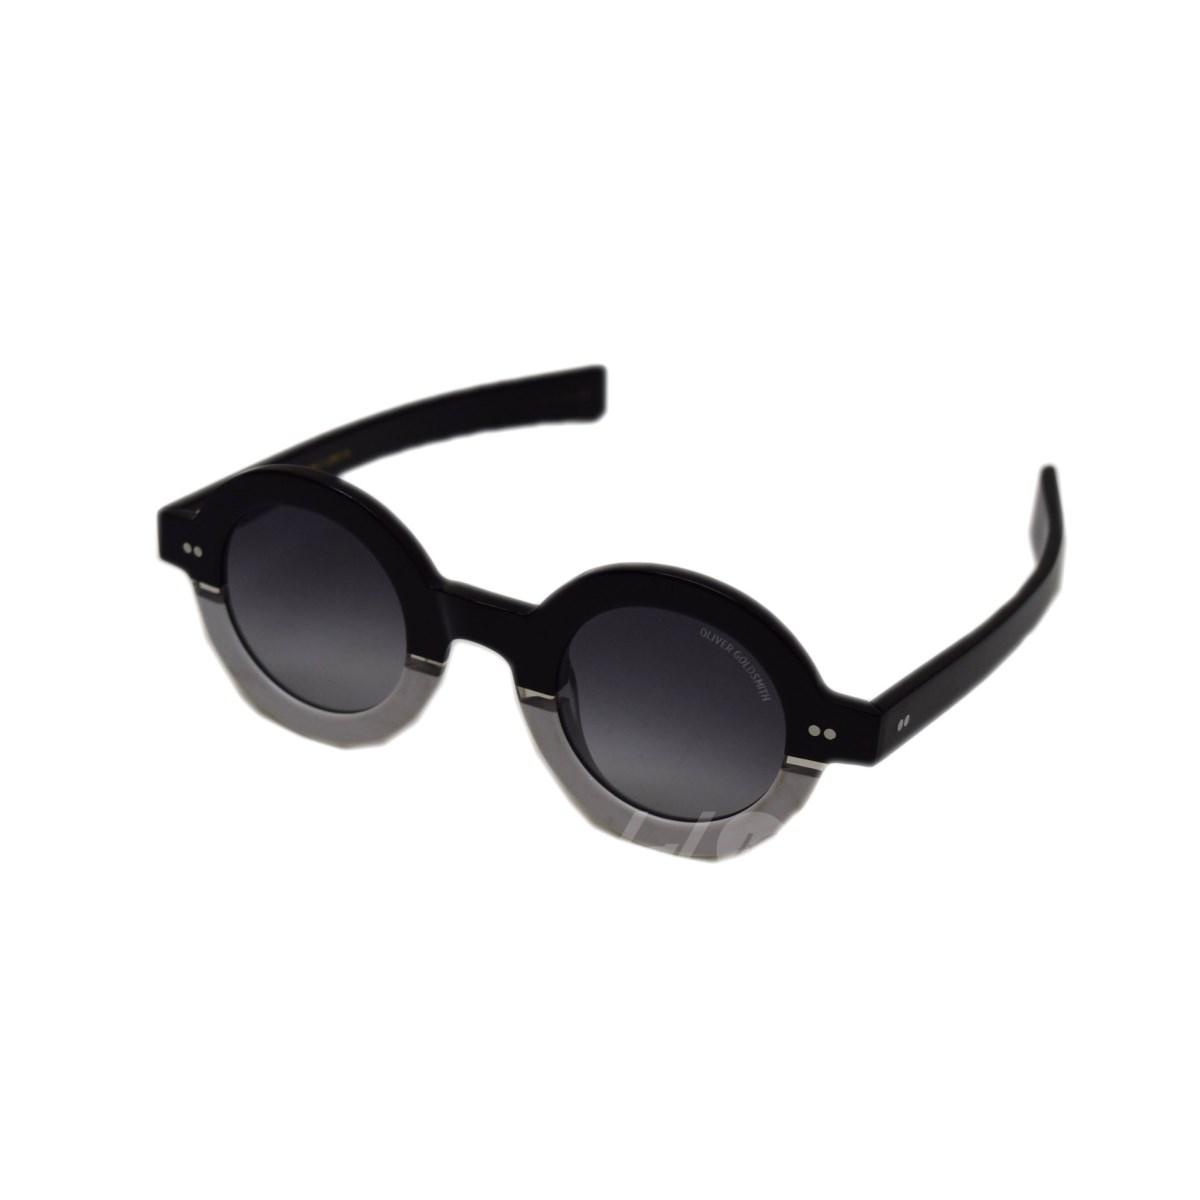 6ab384d2a7f OLIVER GOLDSMITH xDECADES 1930S round sunglasses black x white size  - (Oliver  Goldsmith)